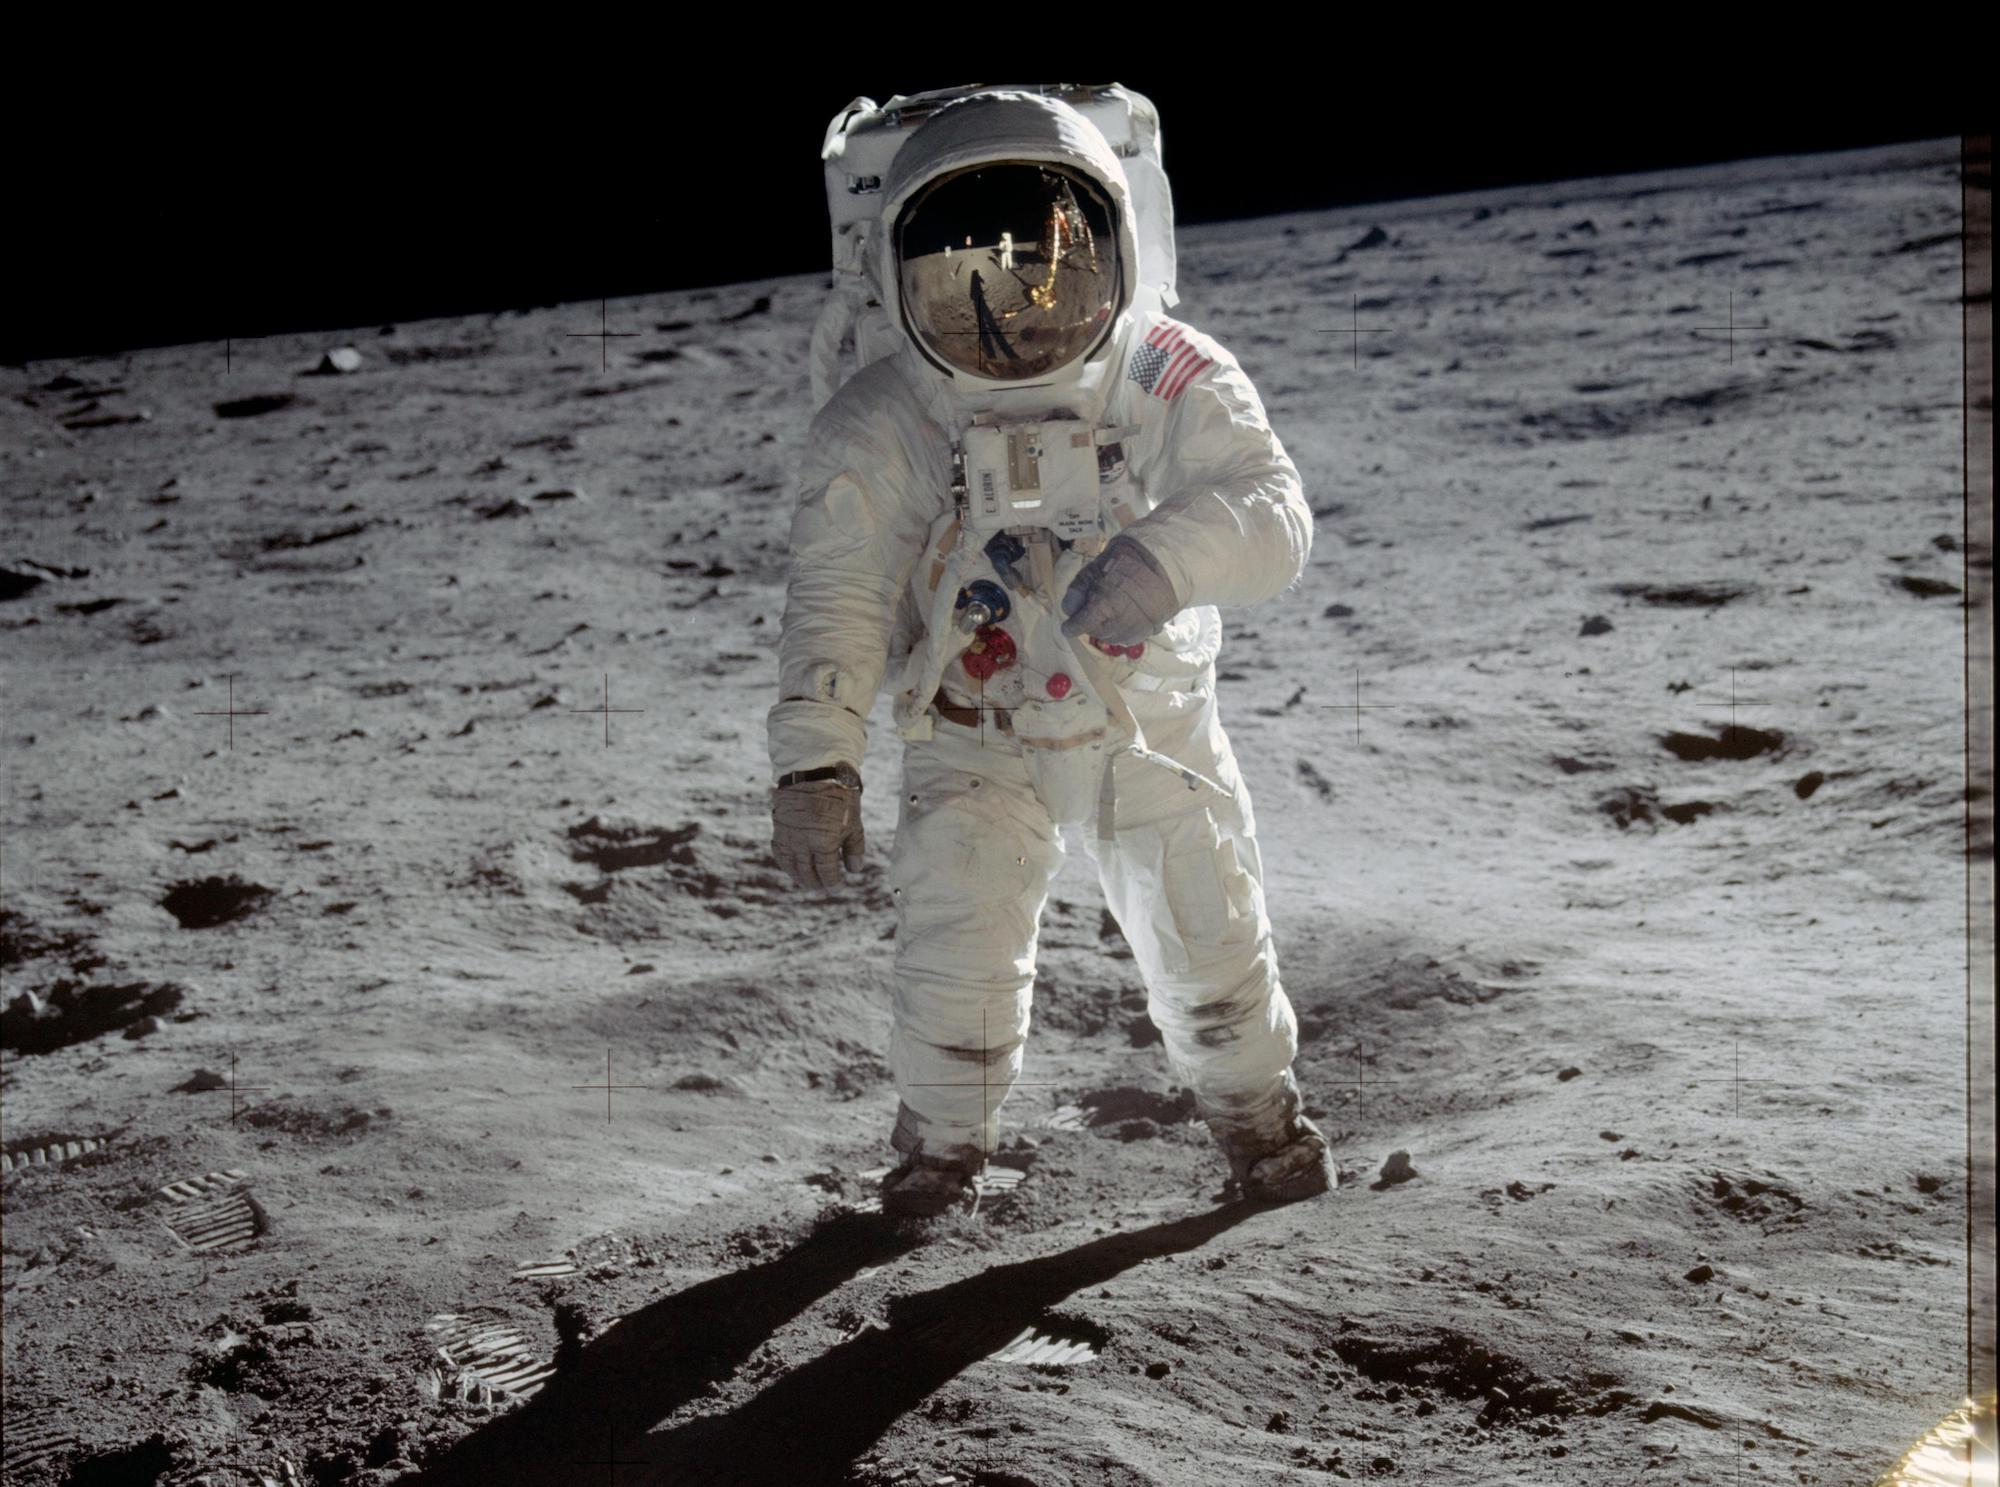 Buzz Aldrin on the moon - NASA